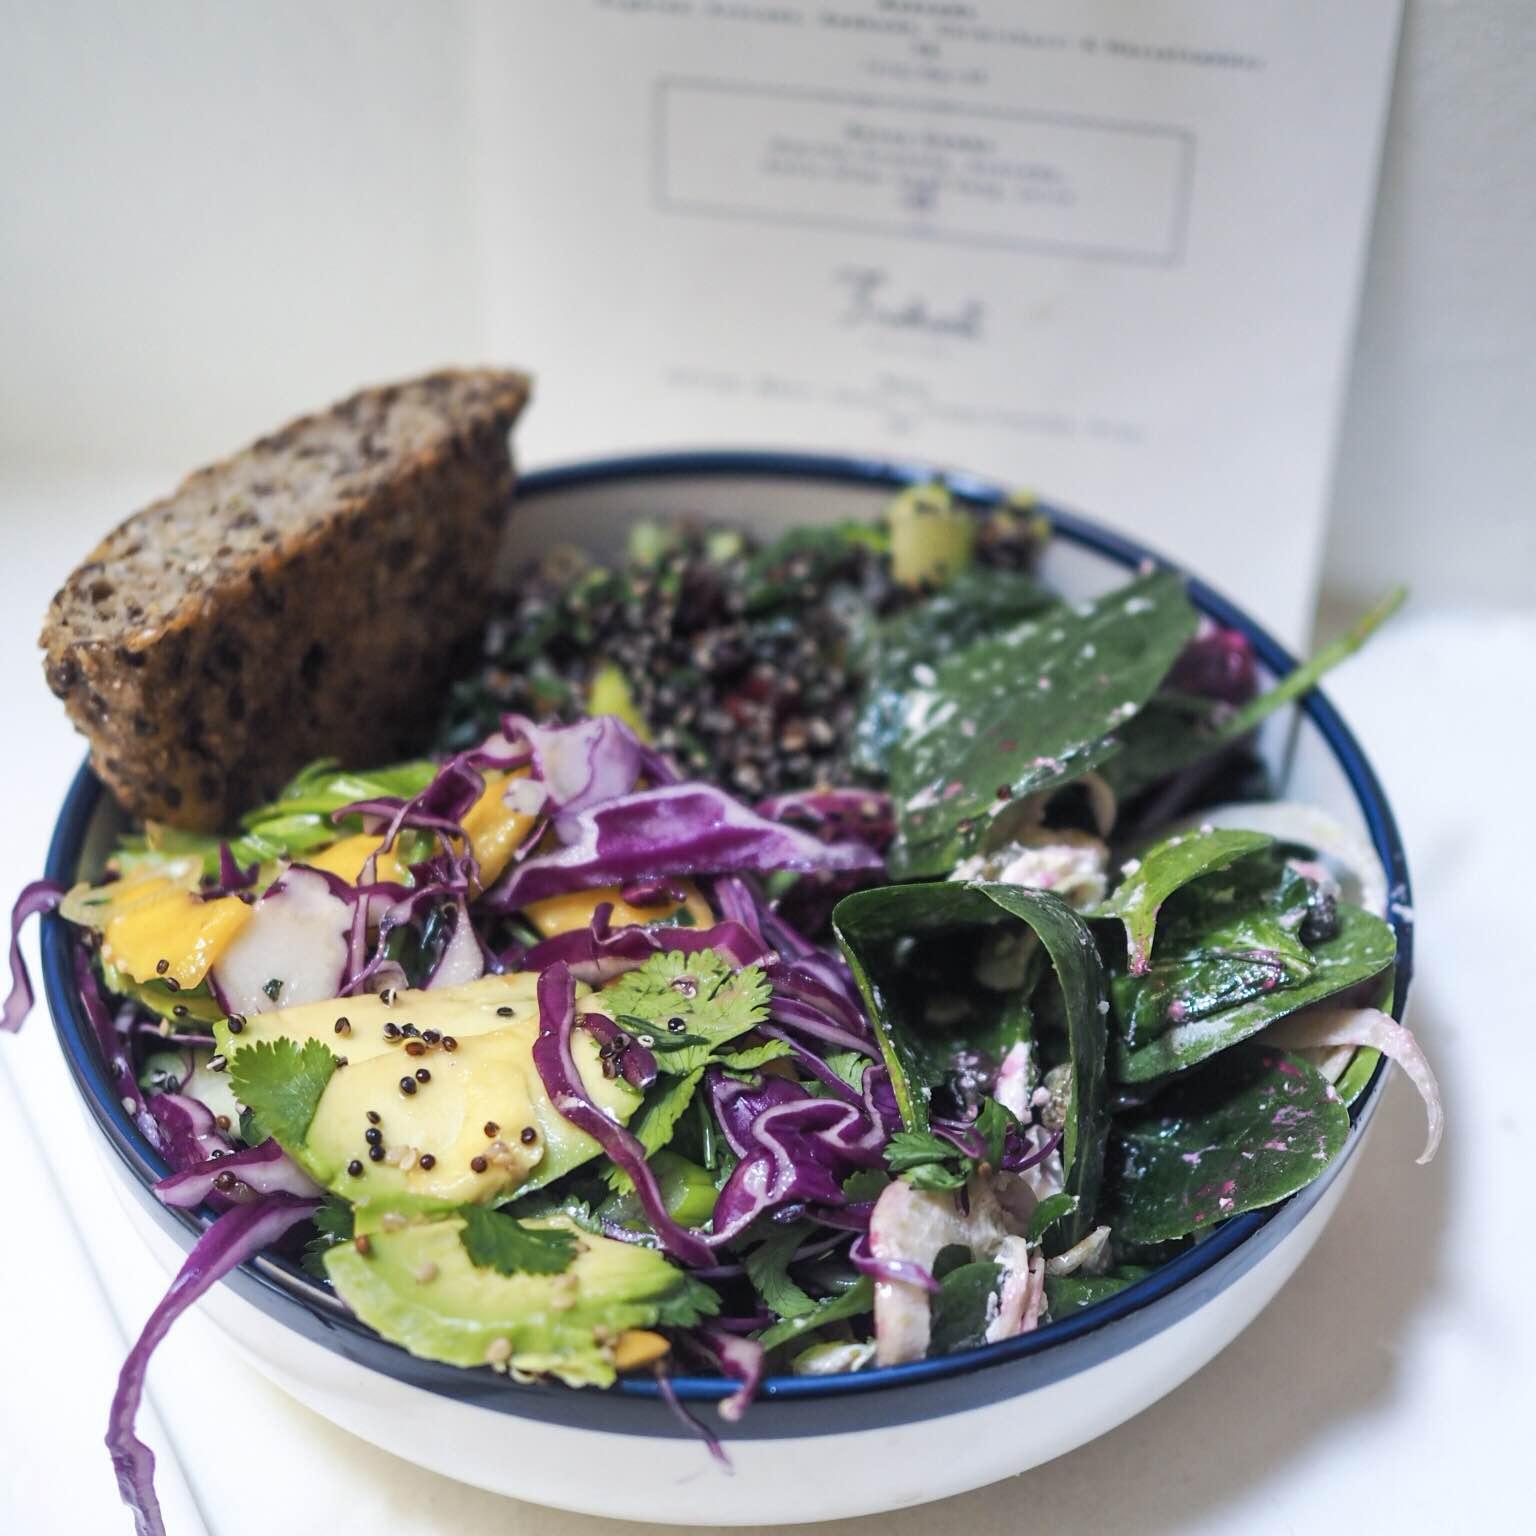 Menukortet hos Sonny i København, salat med avokado, rødkål, gedeost, kål, forårsløg og lækker rugbrød / kernebolle